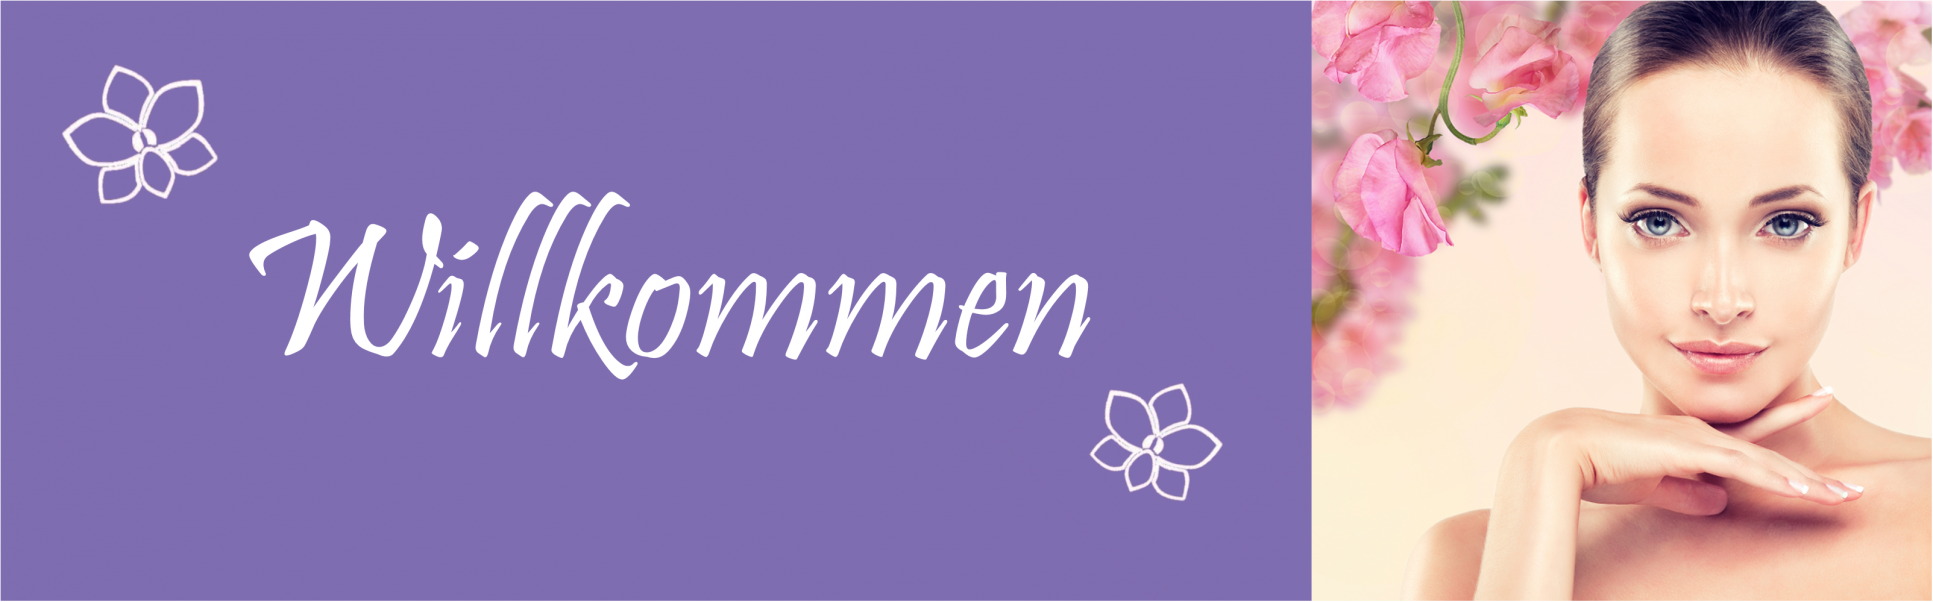 Kokos_Kosmetik-und Nagelstudio-5